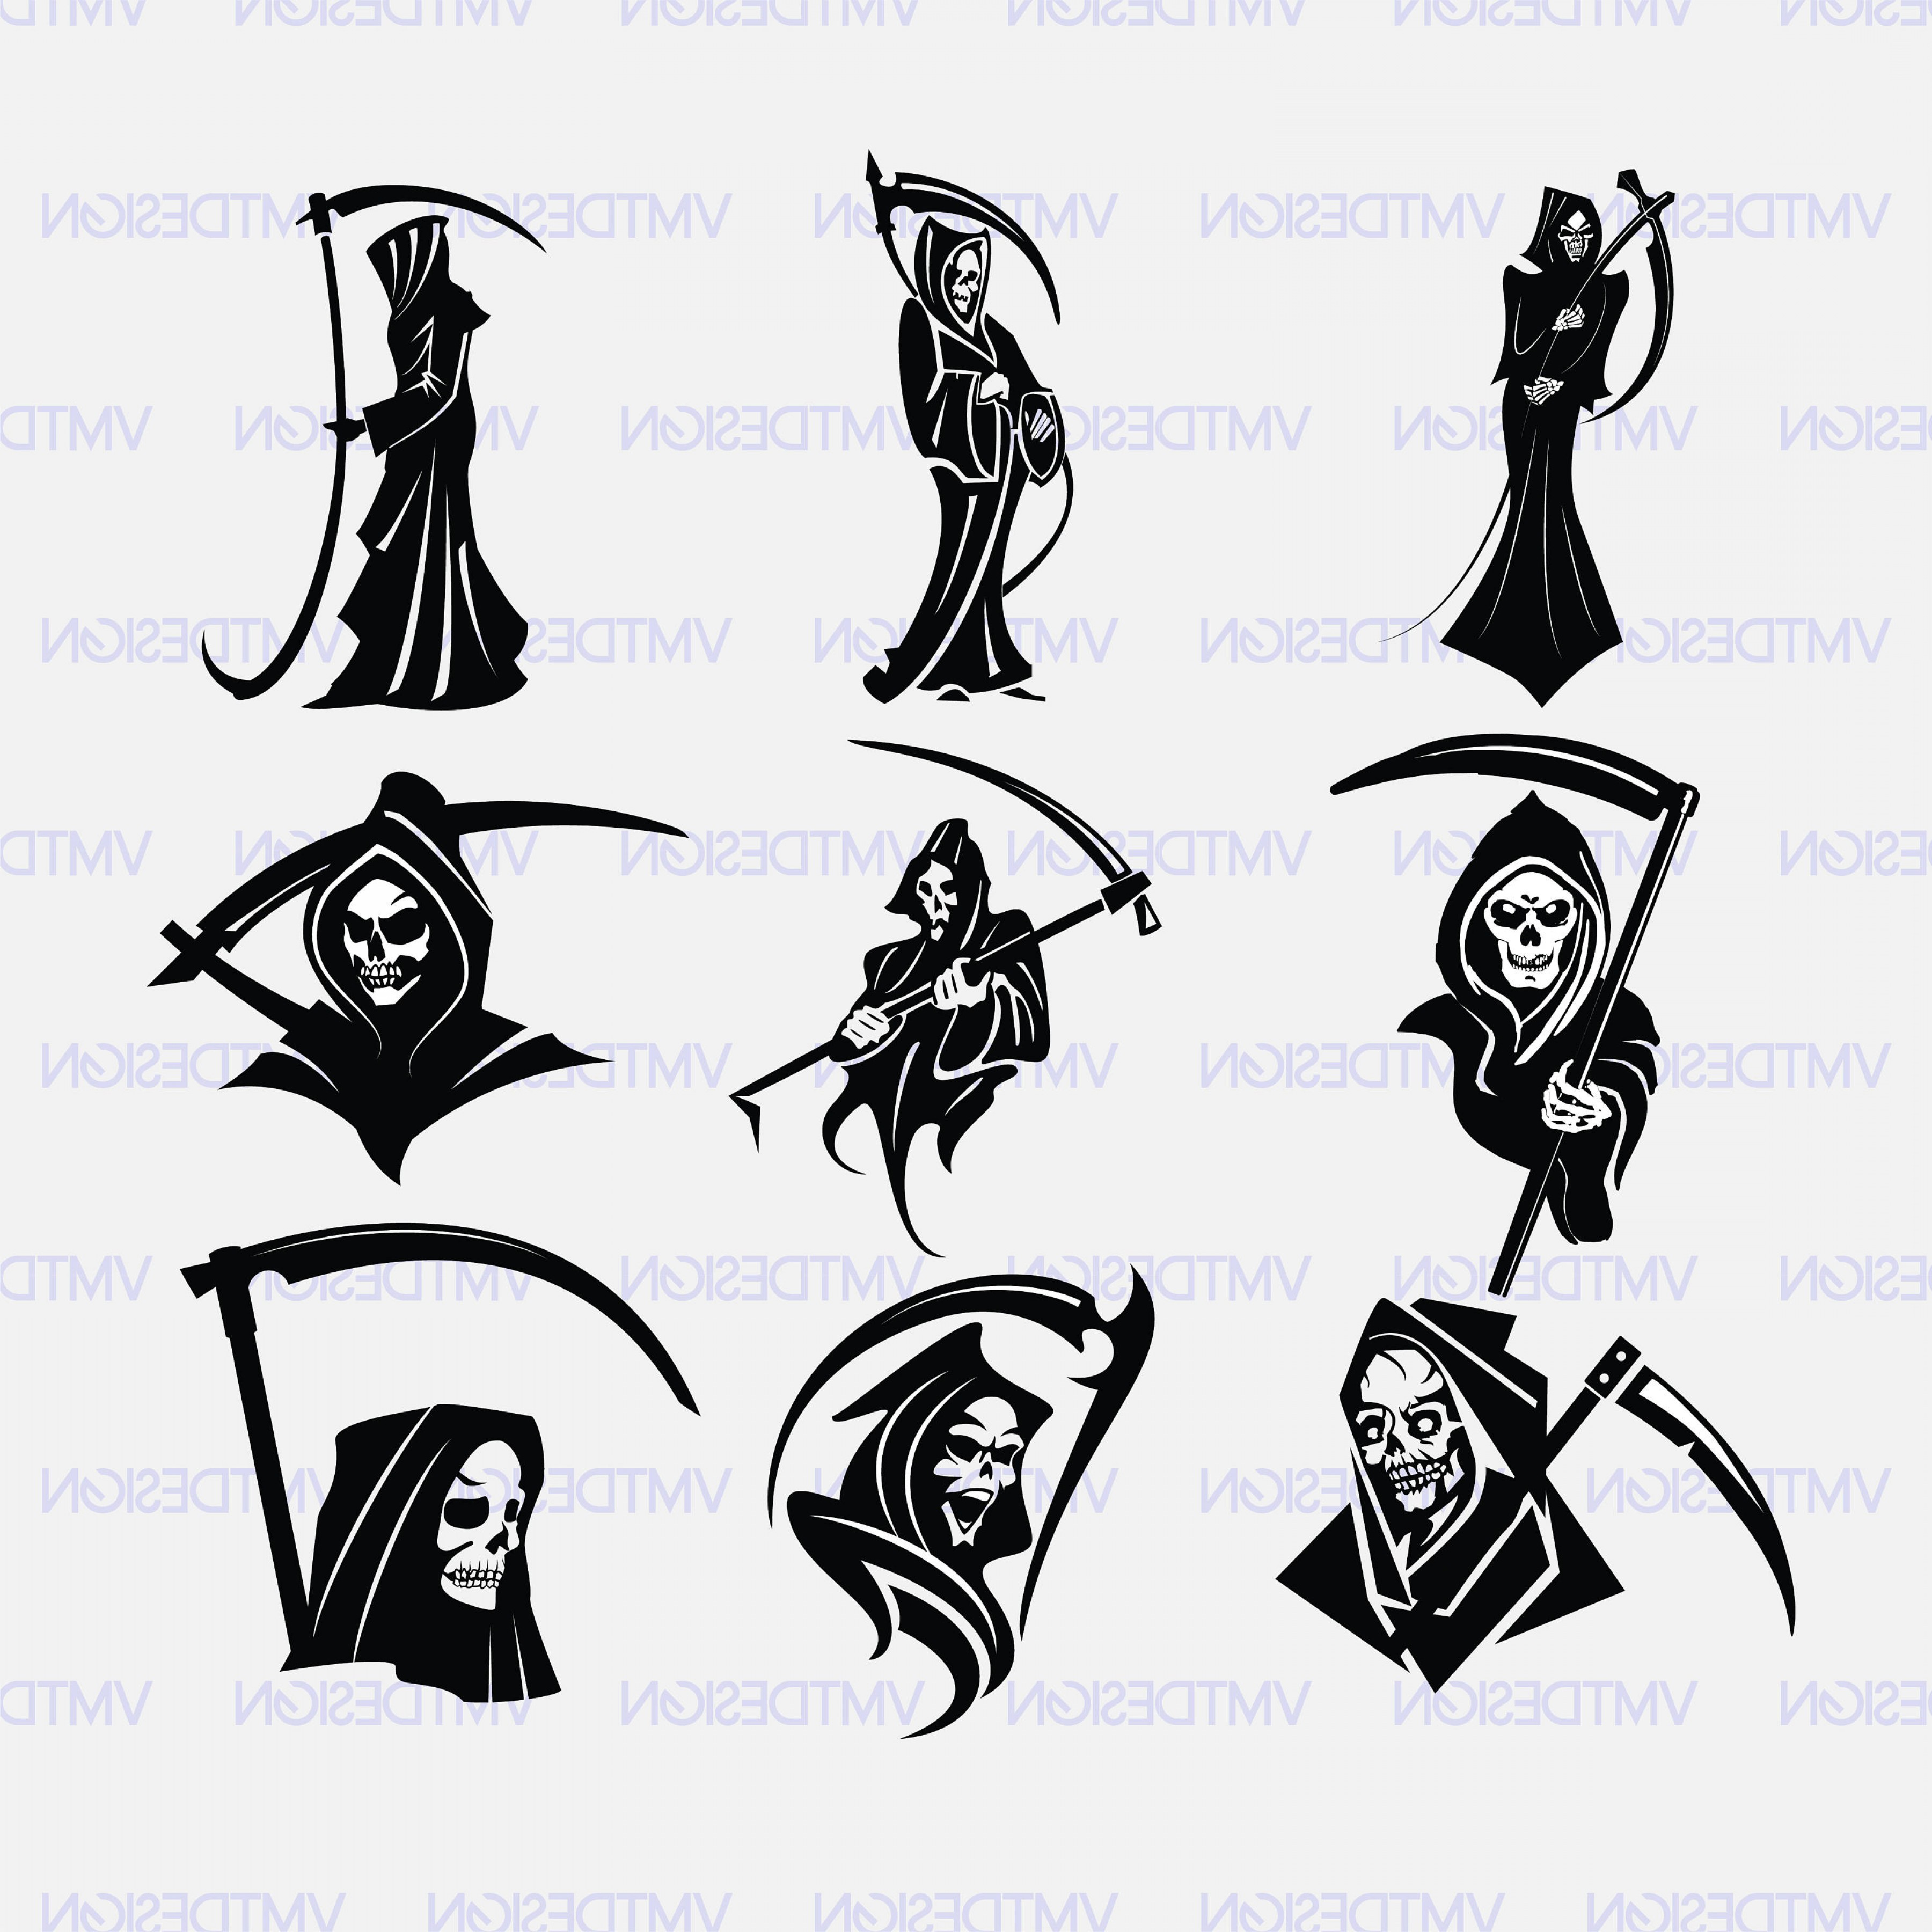 3600x3600 Grim Reaper Svg Grim Reaper Vector Grim Shopatcloth